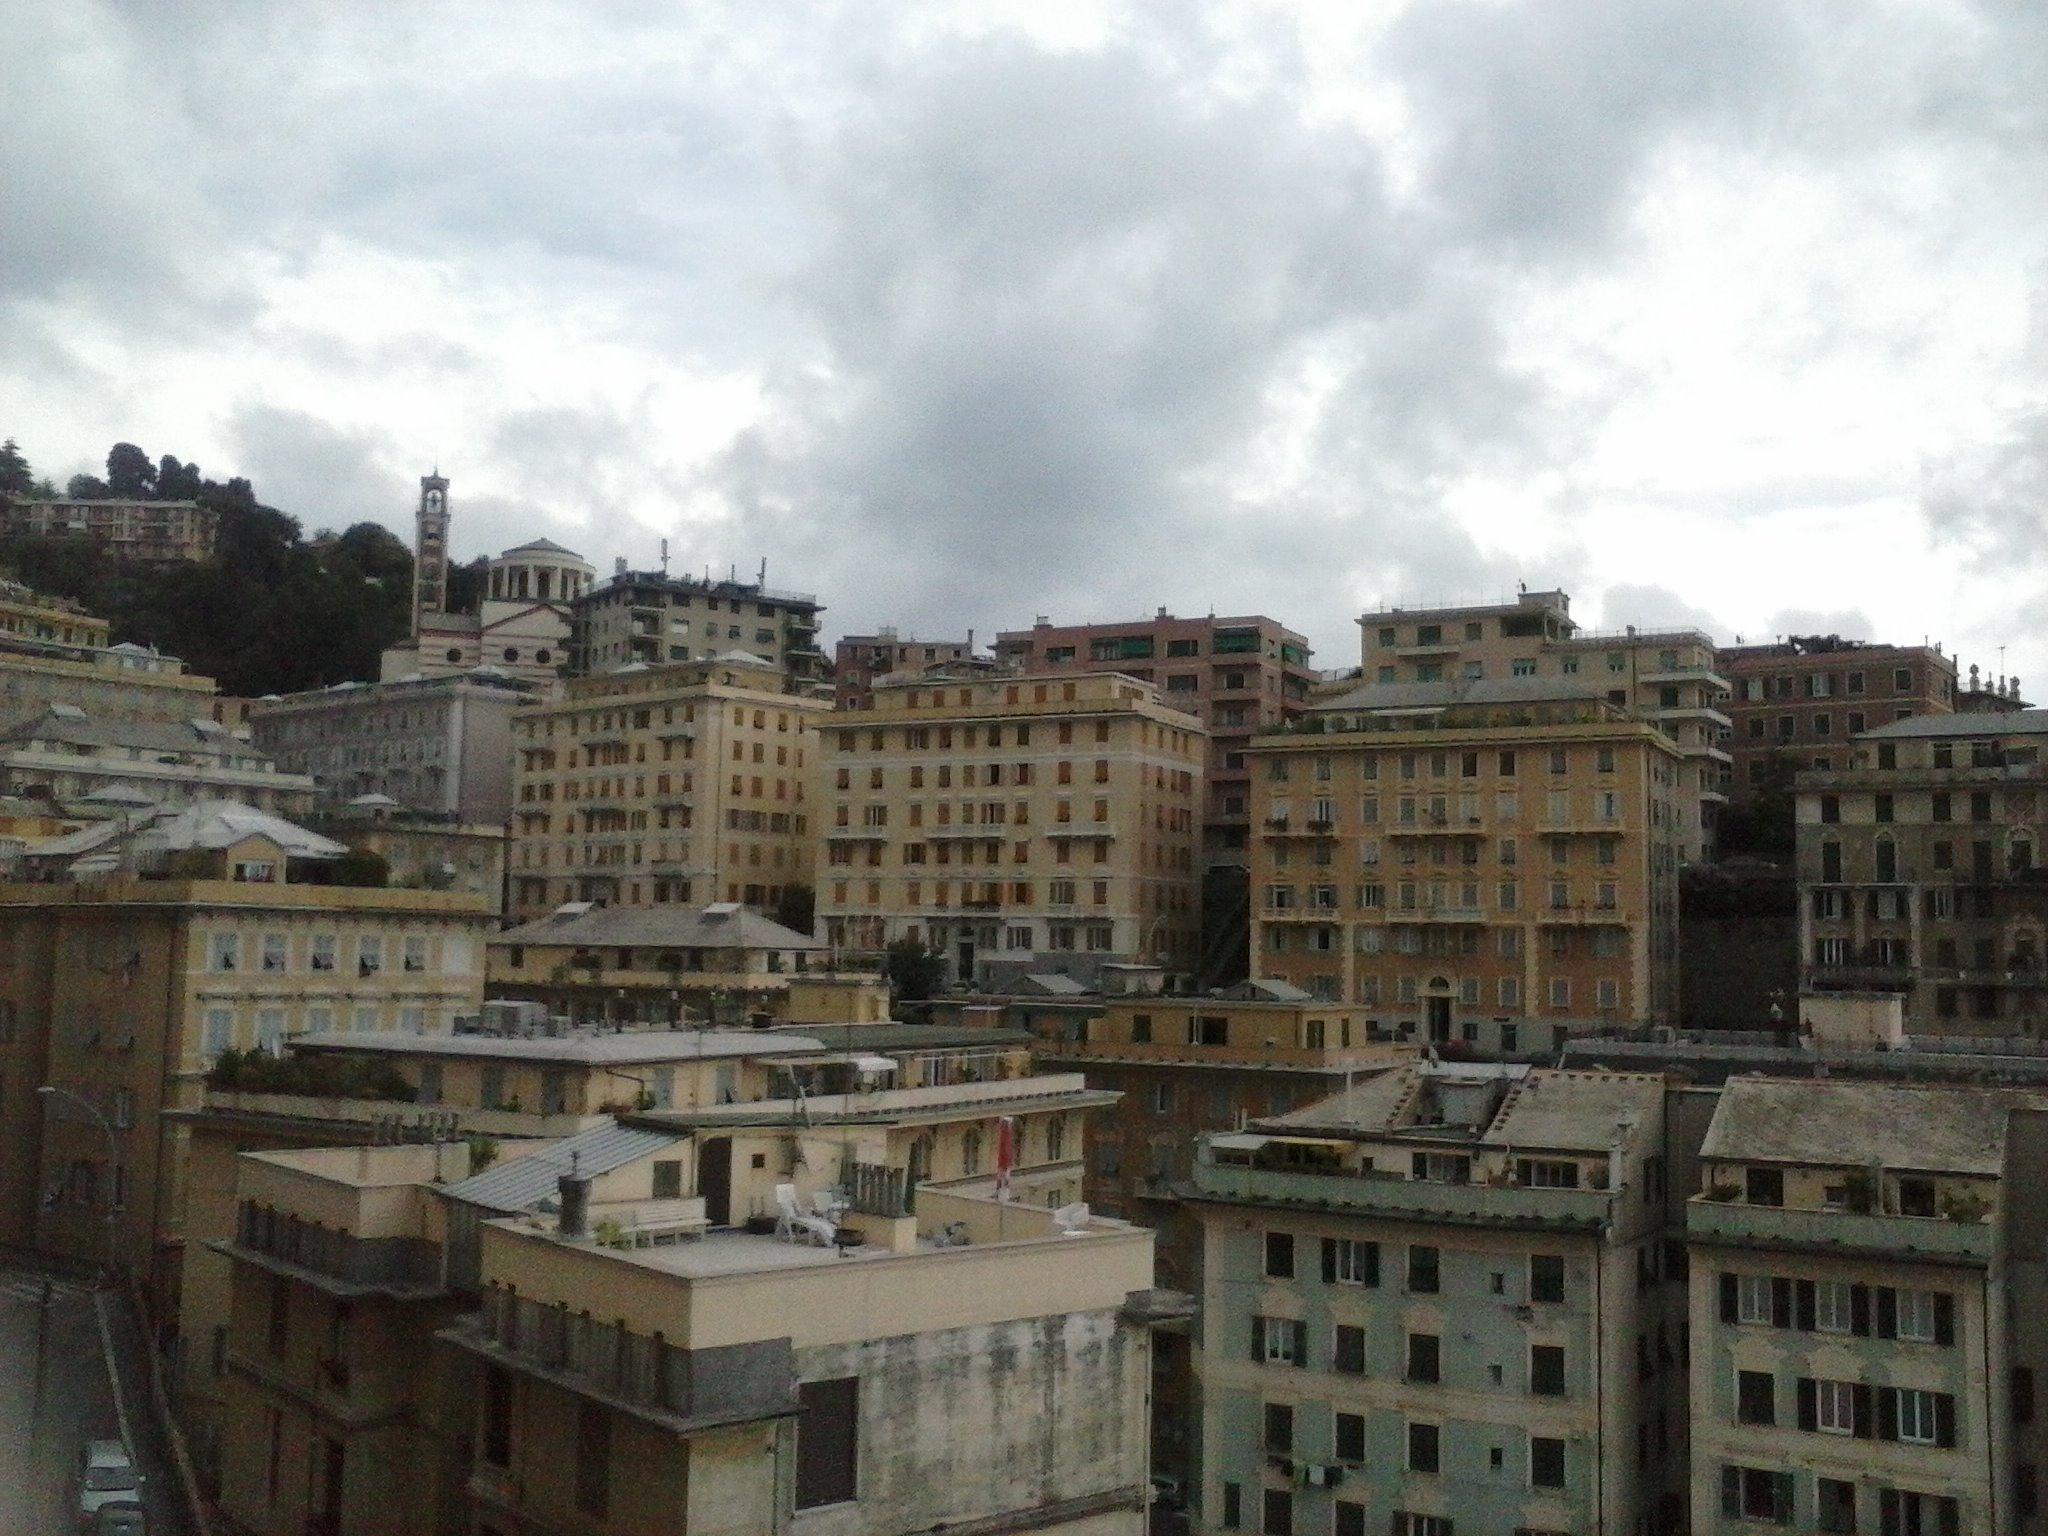 Vista di Castelletto - 23-07-2014 - 03